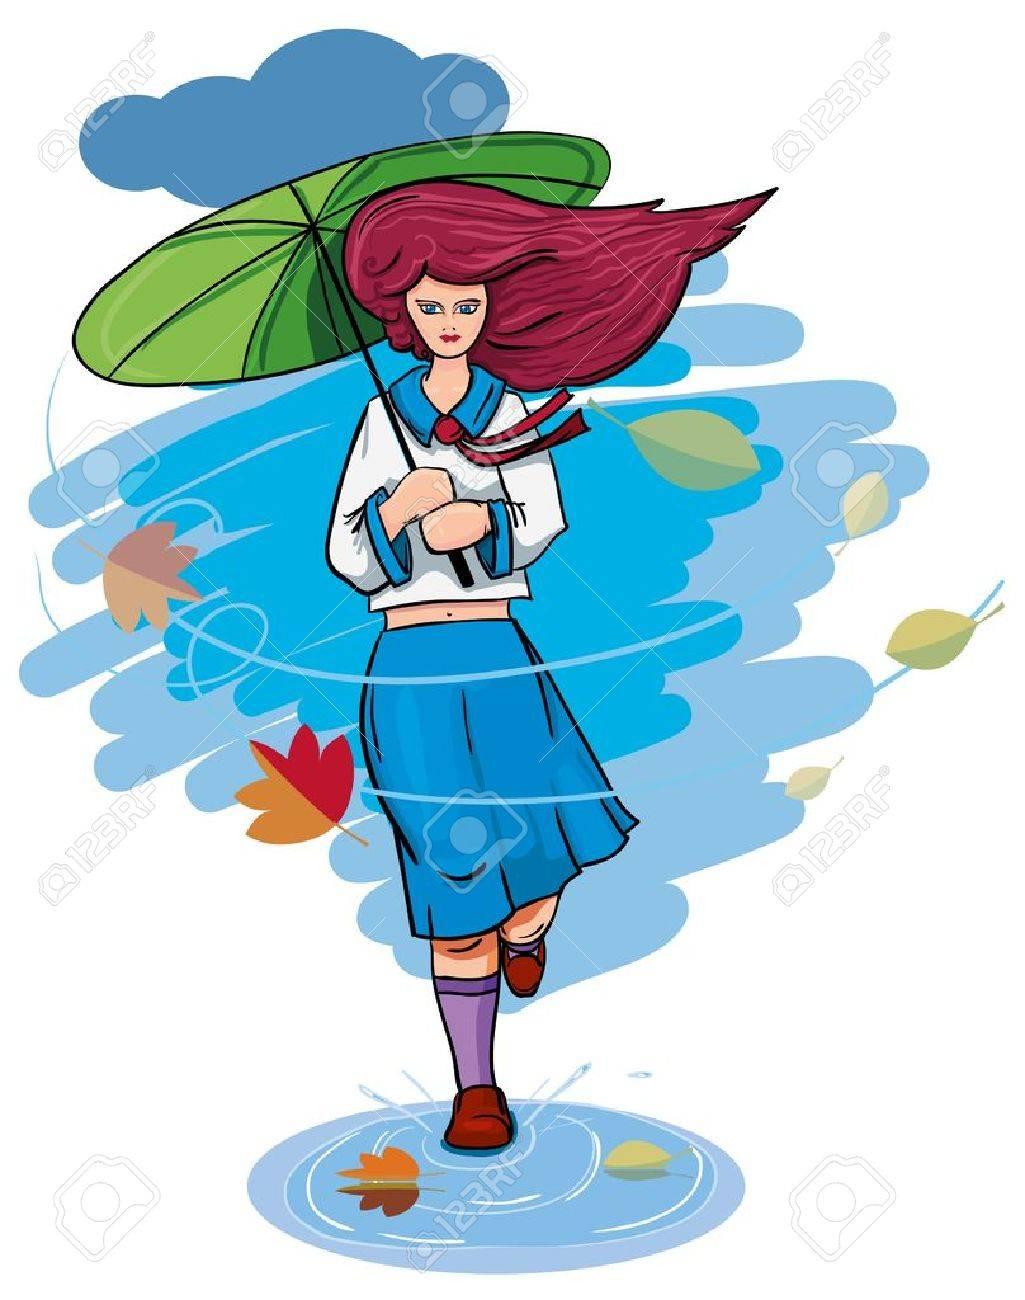 A girl with an umbrella in the rain runs. Stock Vector - 10529906